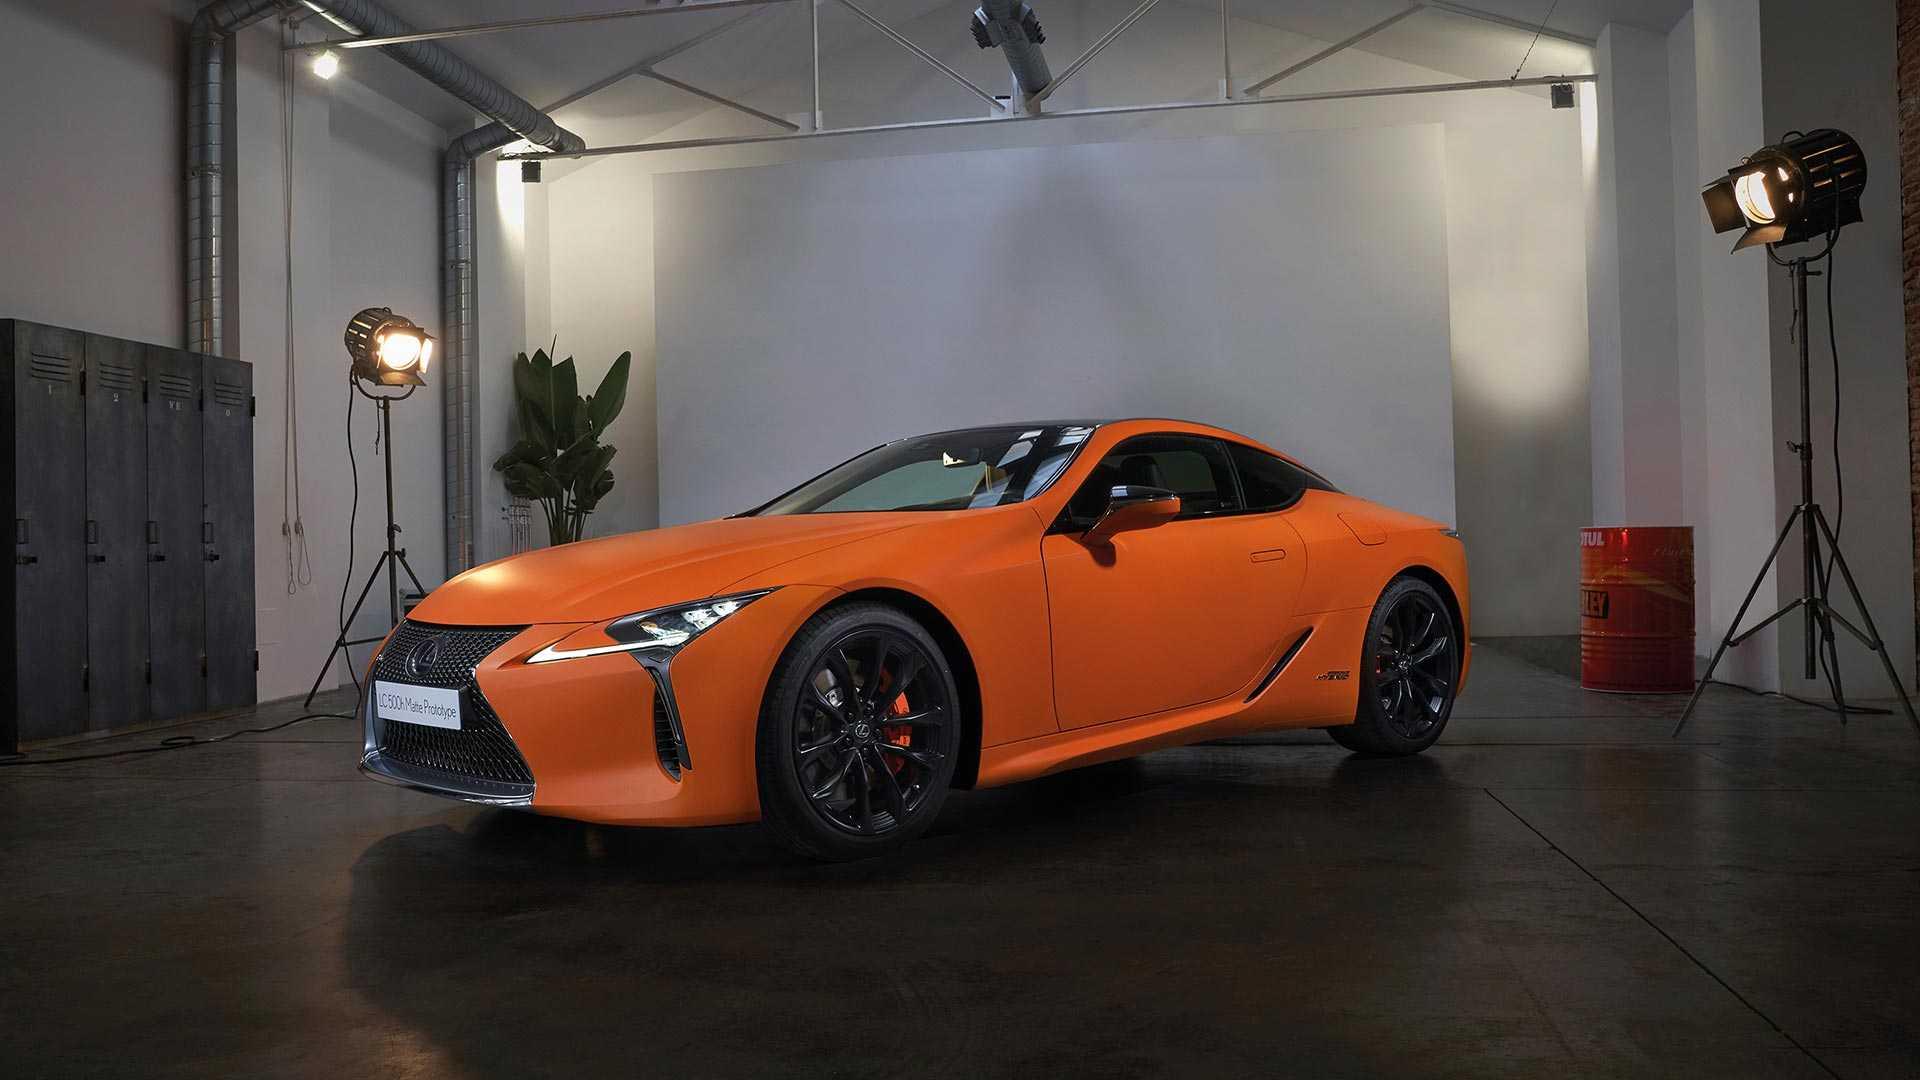 lexus-lc-500h-matte-prototype-space-orange